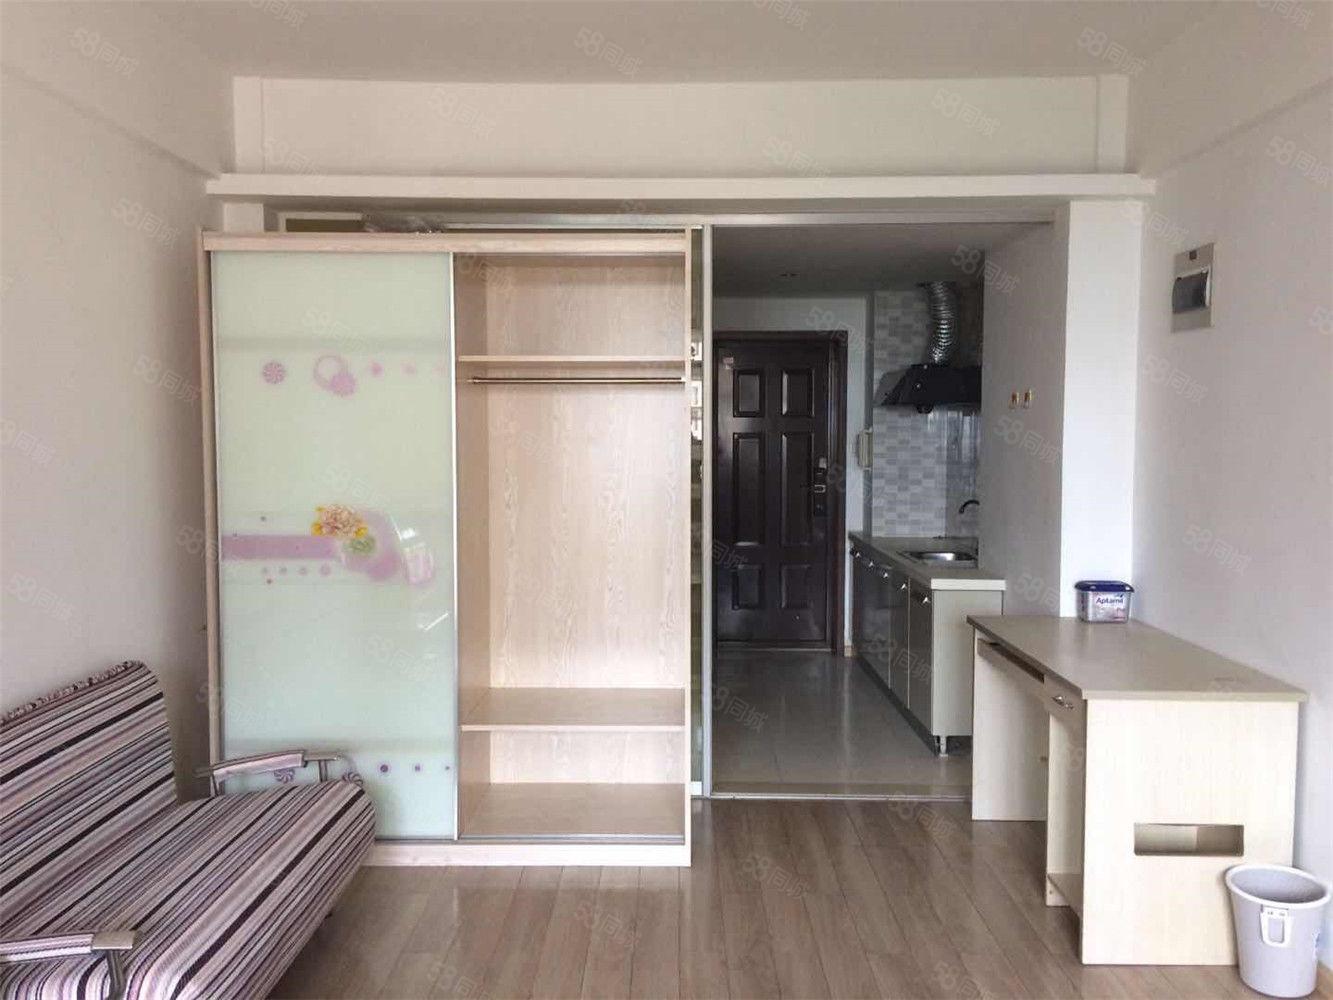 大洋街道湖畔尙城電梯高層空學位精裝修單身公寓家具家電齊全